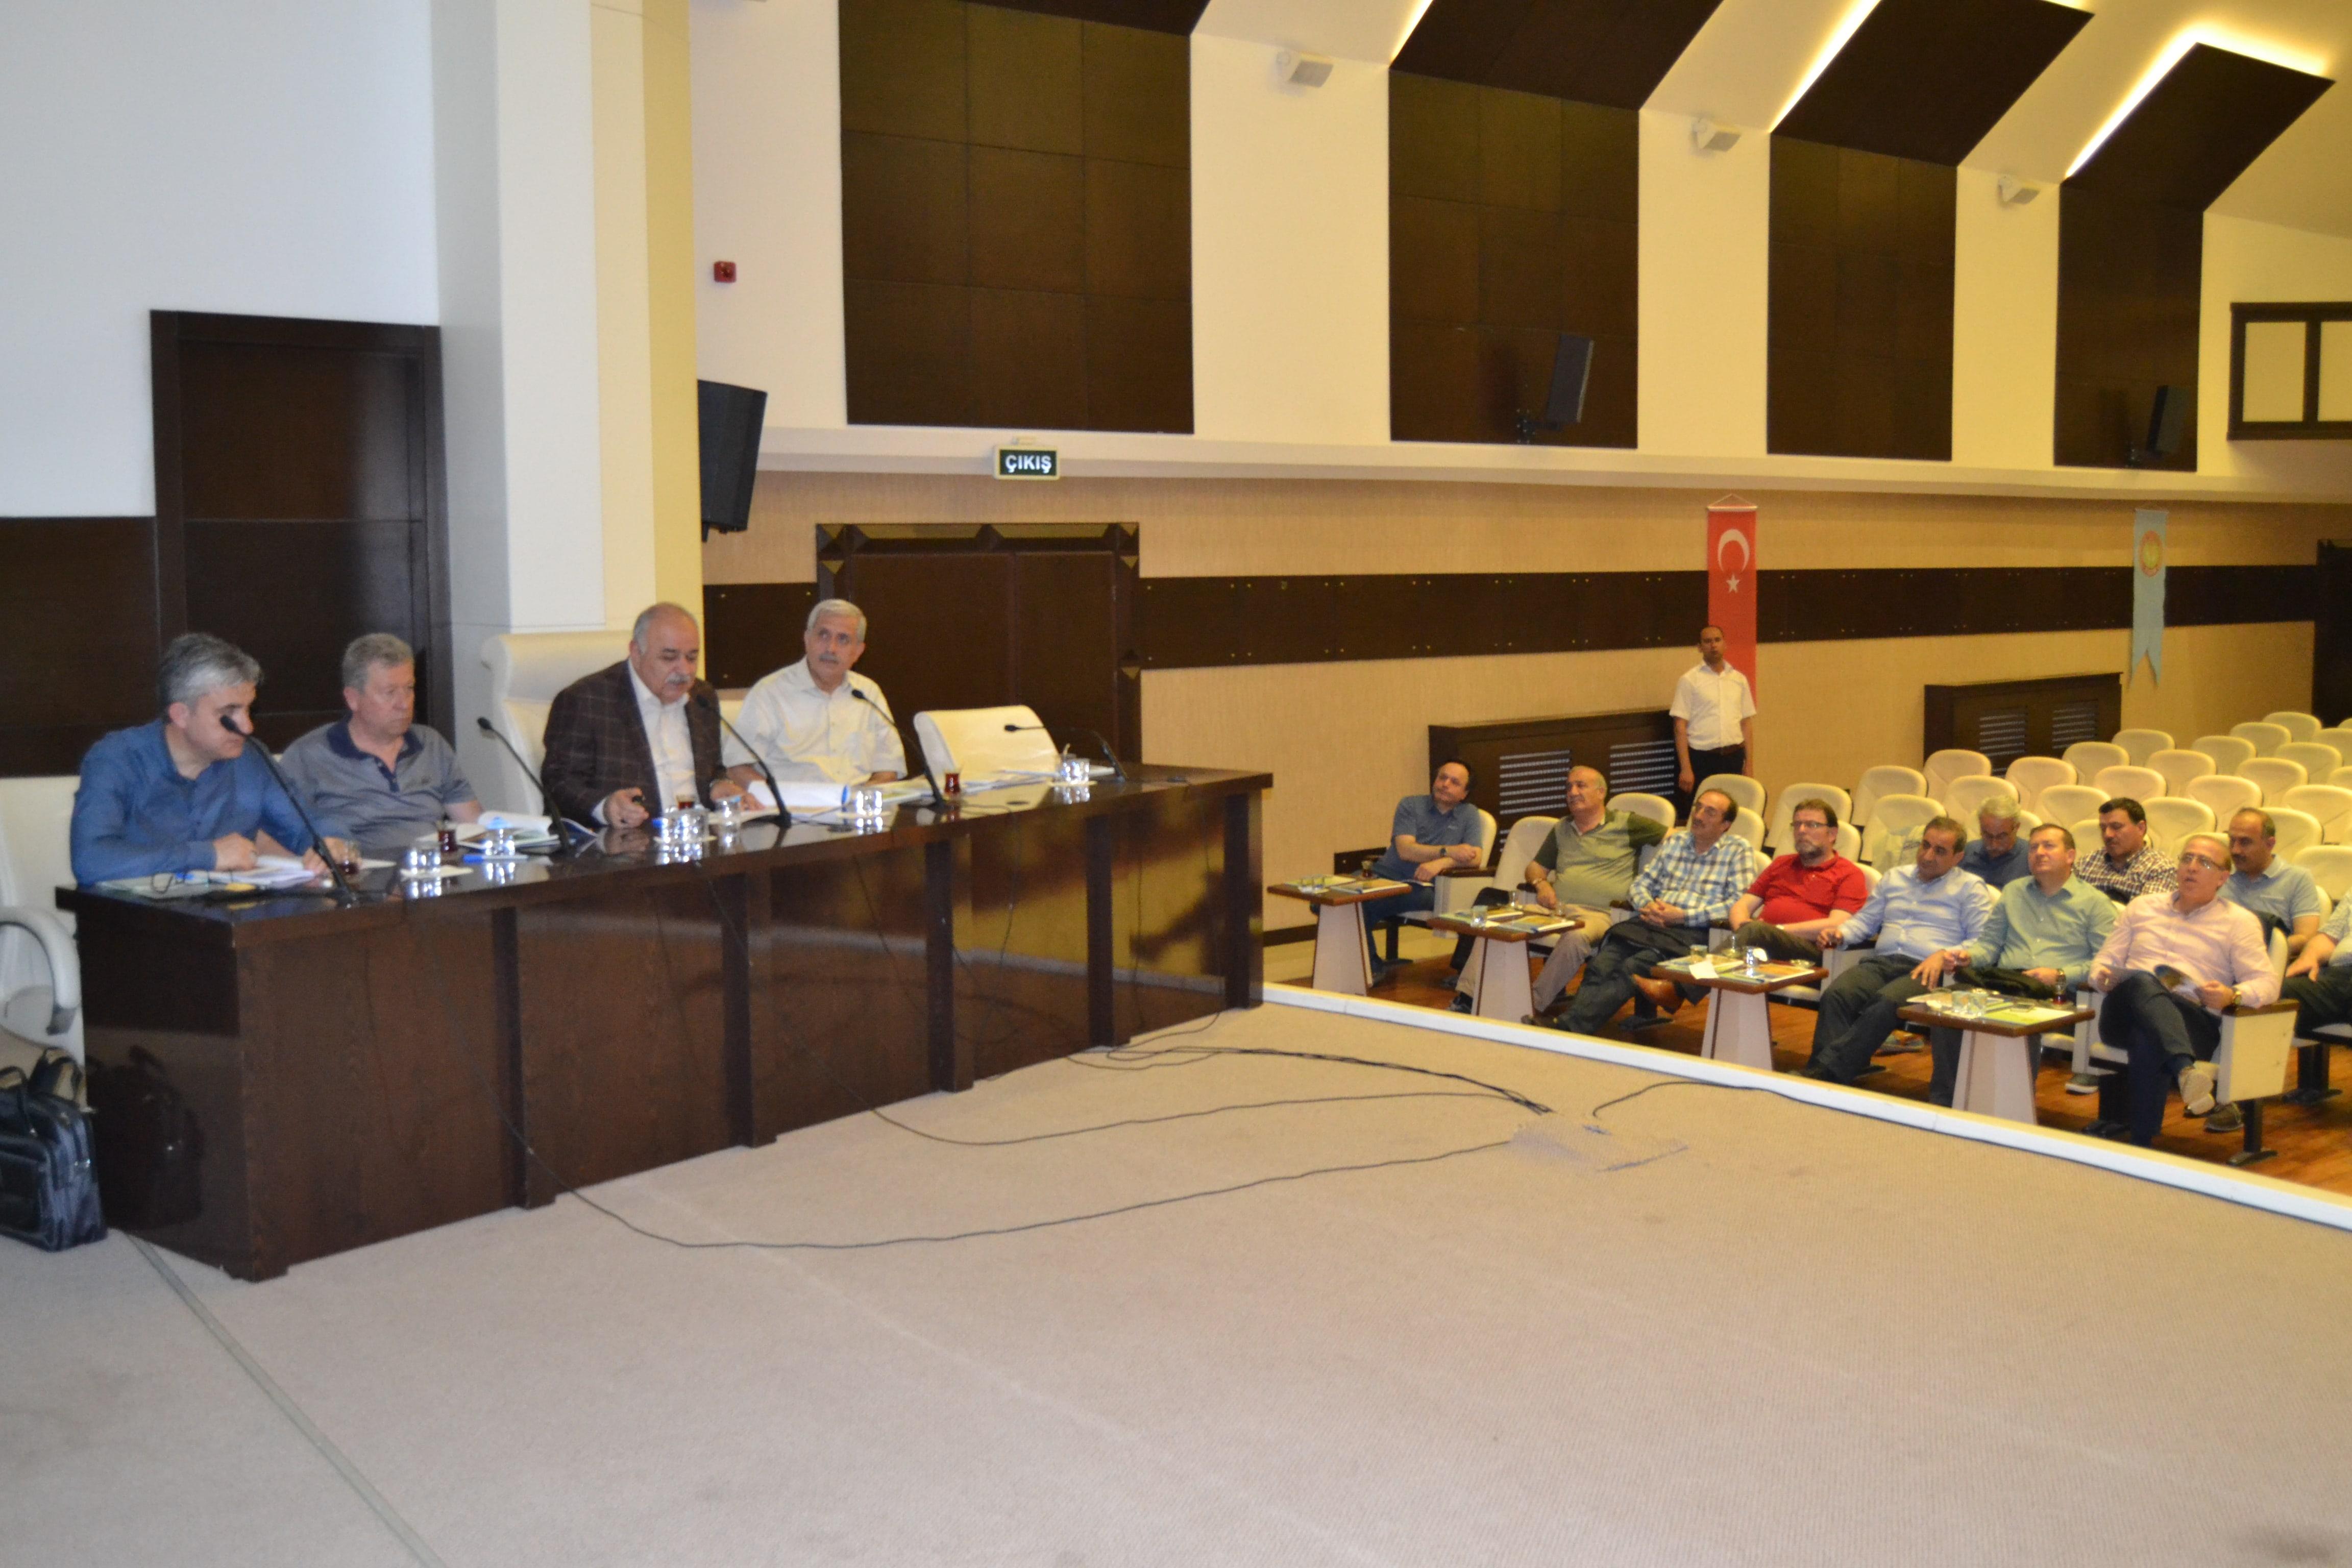 Kurumlararası Diyaloğu Geliştirme Toplantısı – TİGEM Genel Müdürlüğü Urfa Ceylanpınar Tesisleri Gezisi